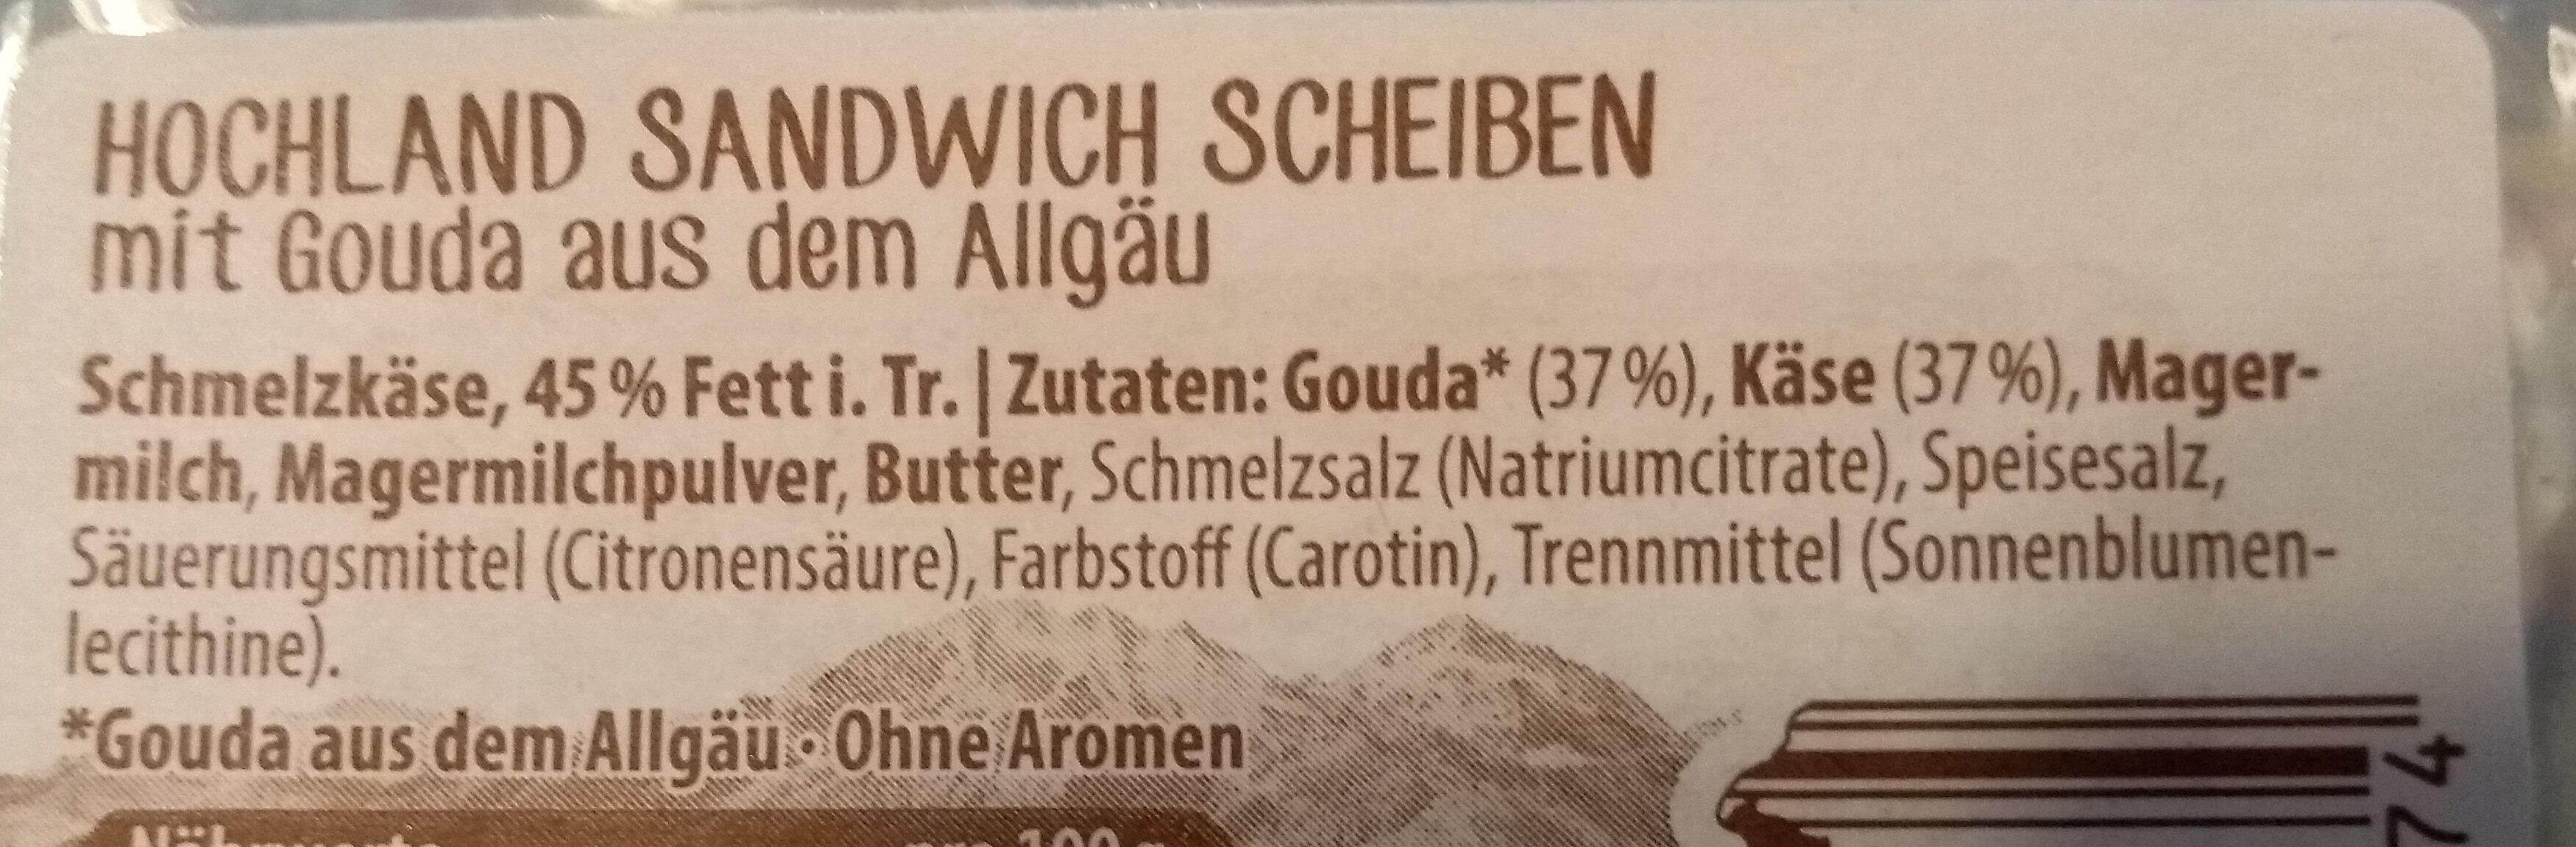 Sandwich Scheiben Gouda - Ingrédients